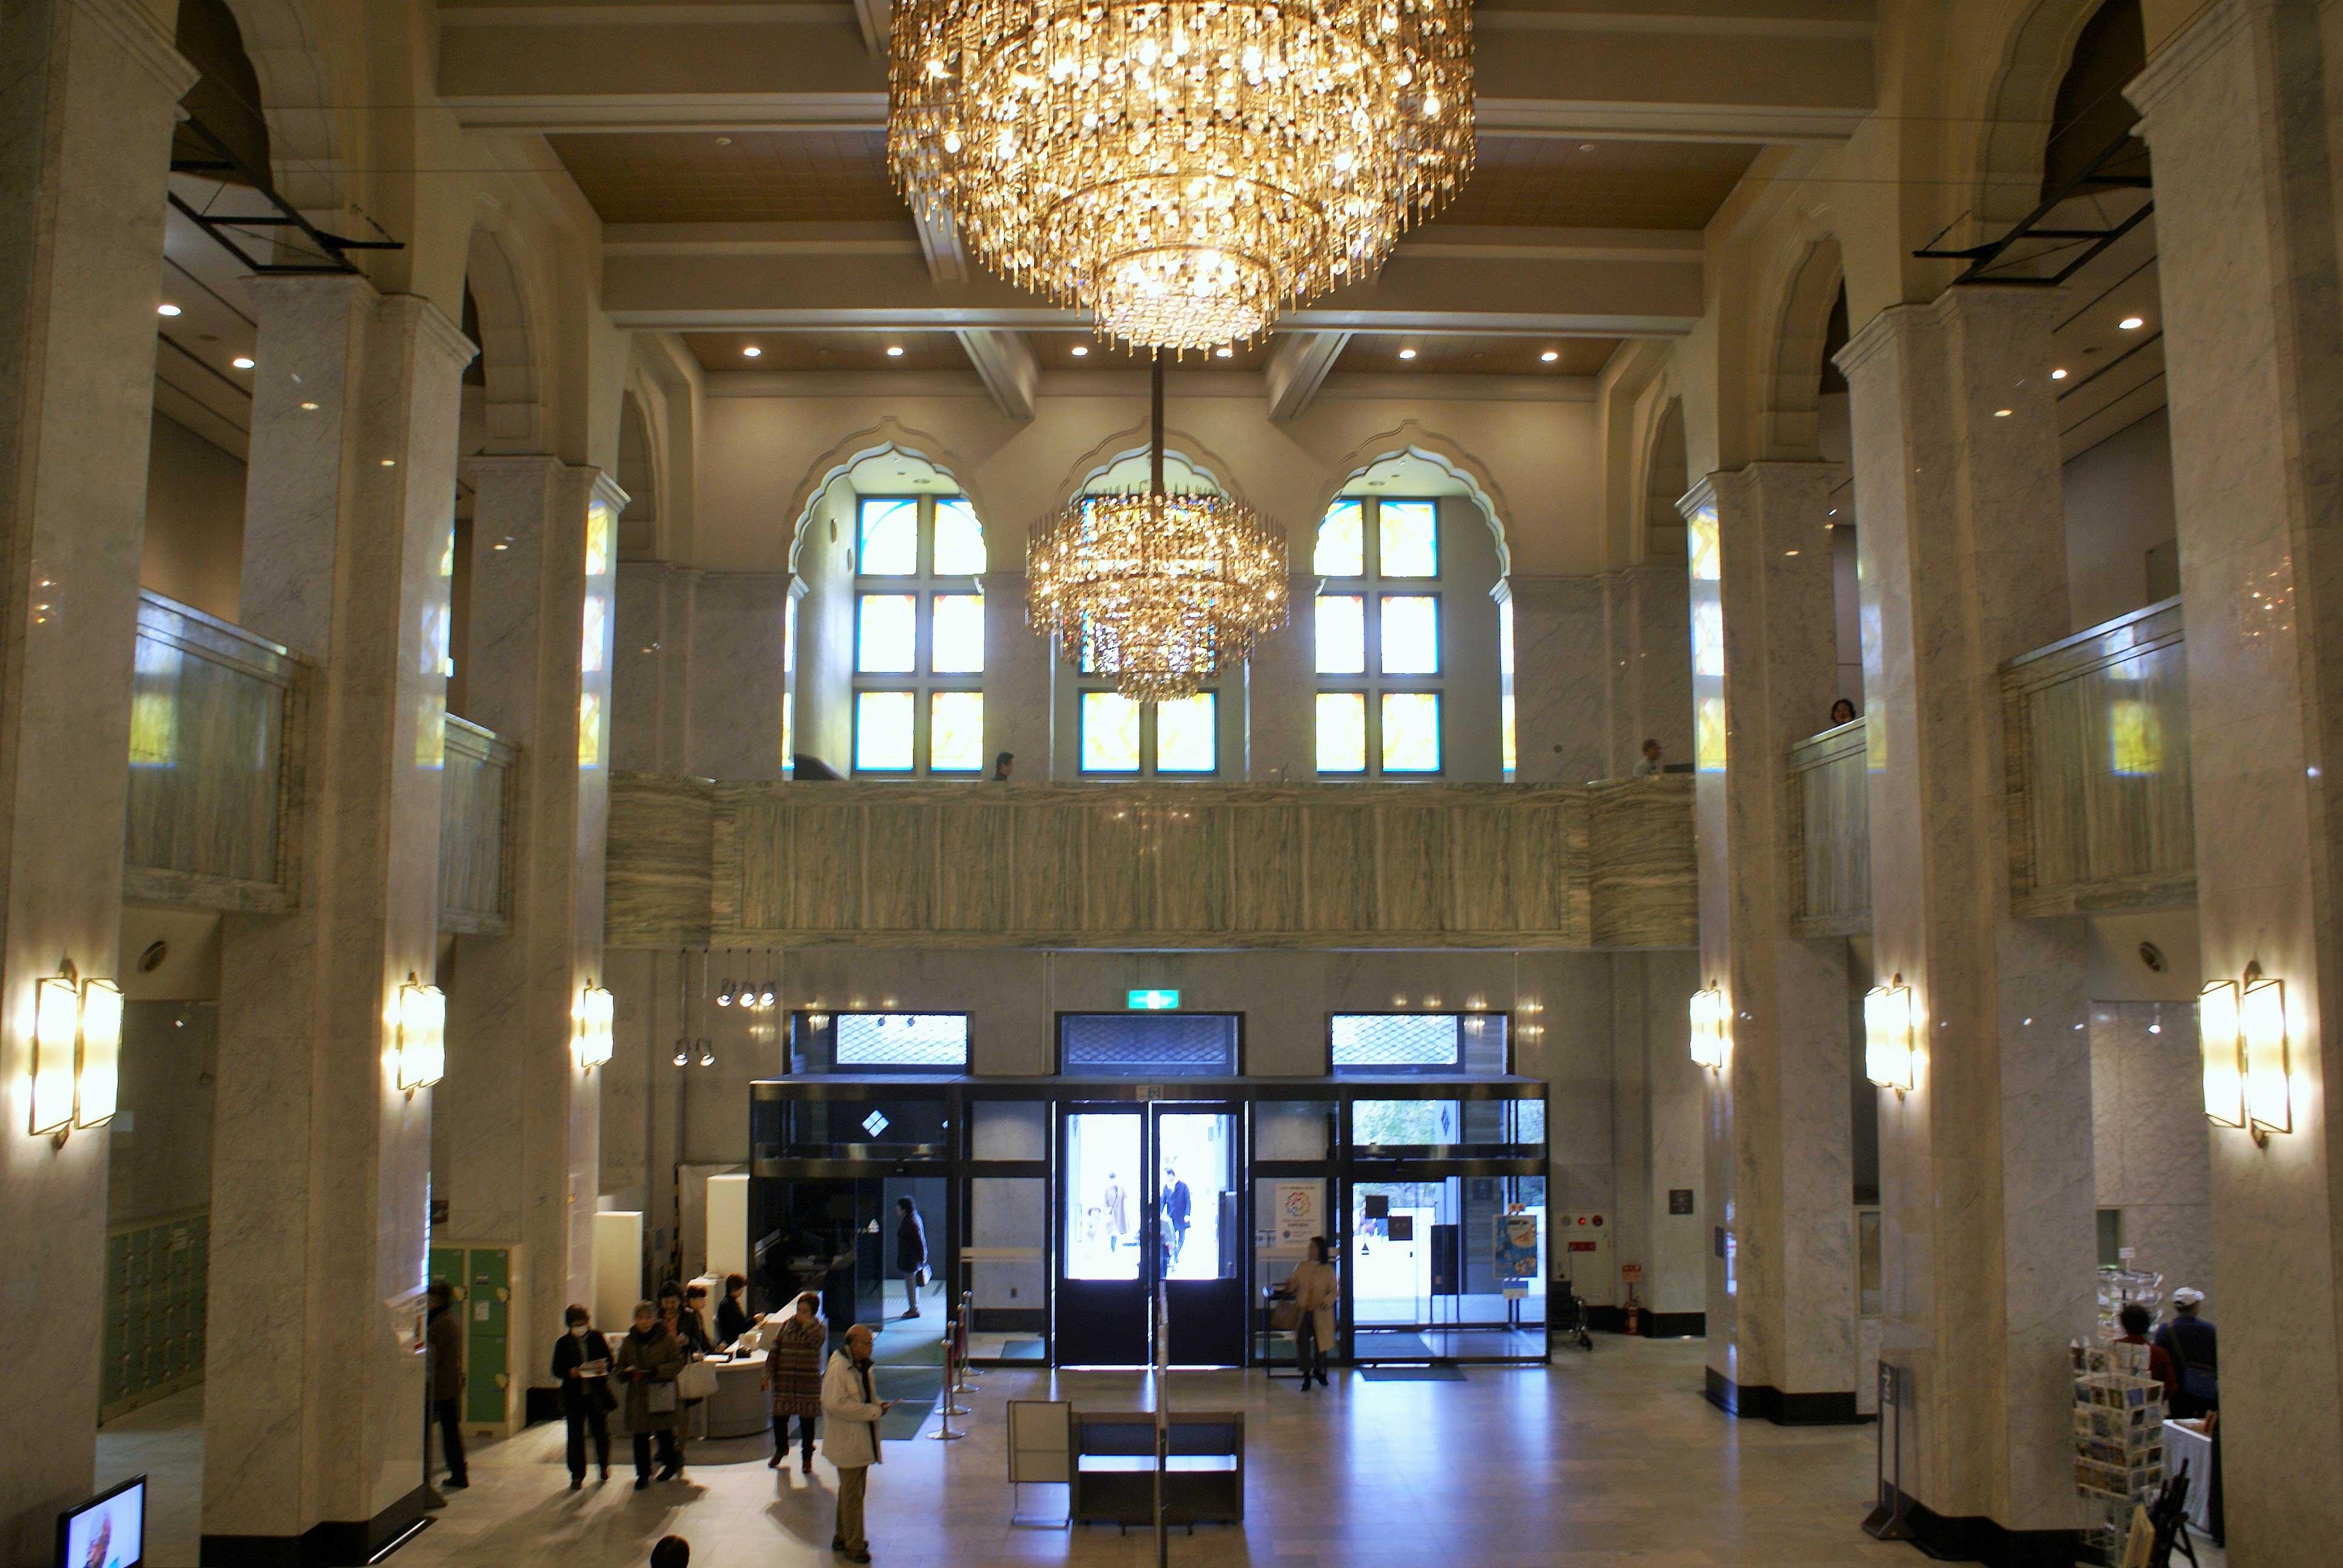 <p>荘厳な中央ホール</p>クリスタルガラスの大シャンデリアが2個設けられ、吹抜を囲む列柱は頂上部分で波打ったアーチを成している。<br />